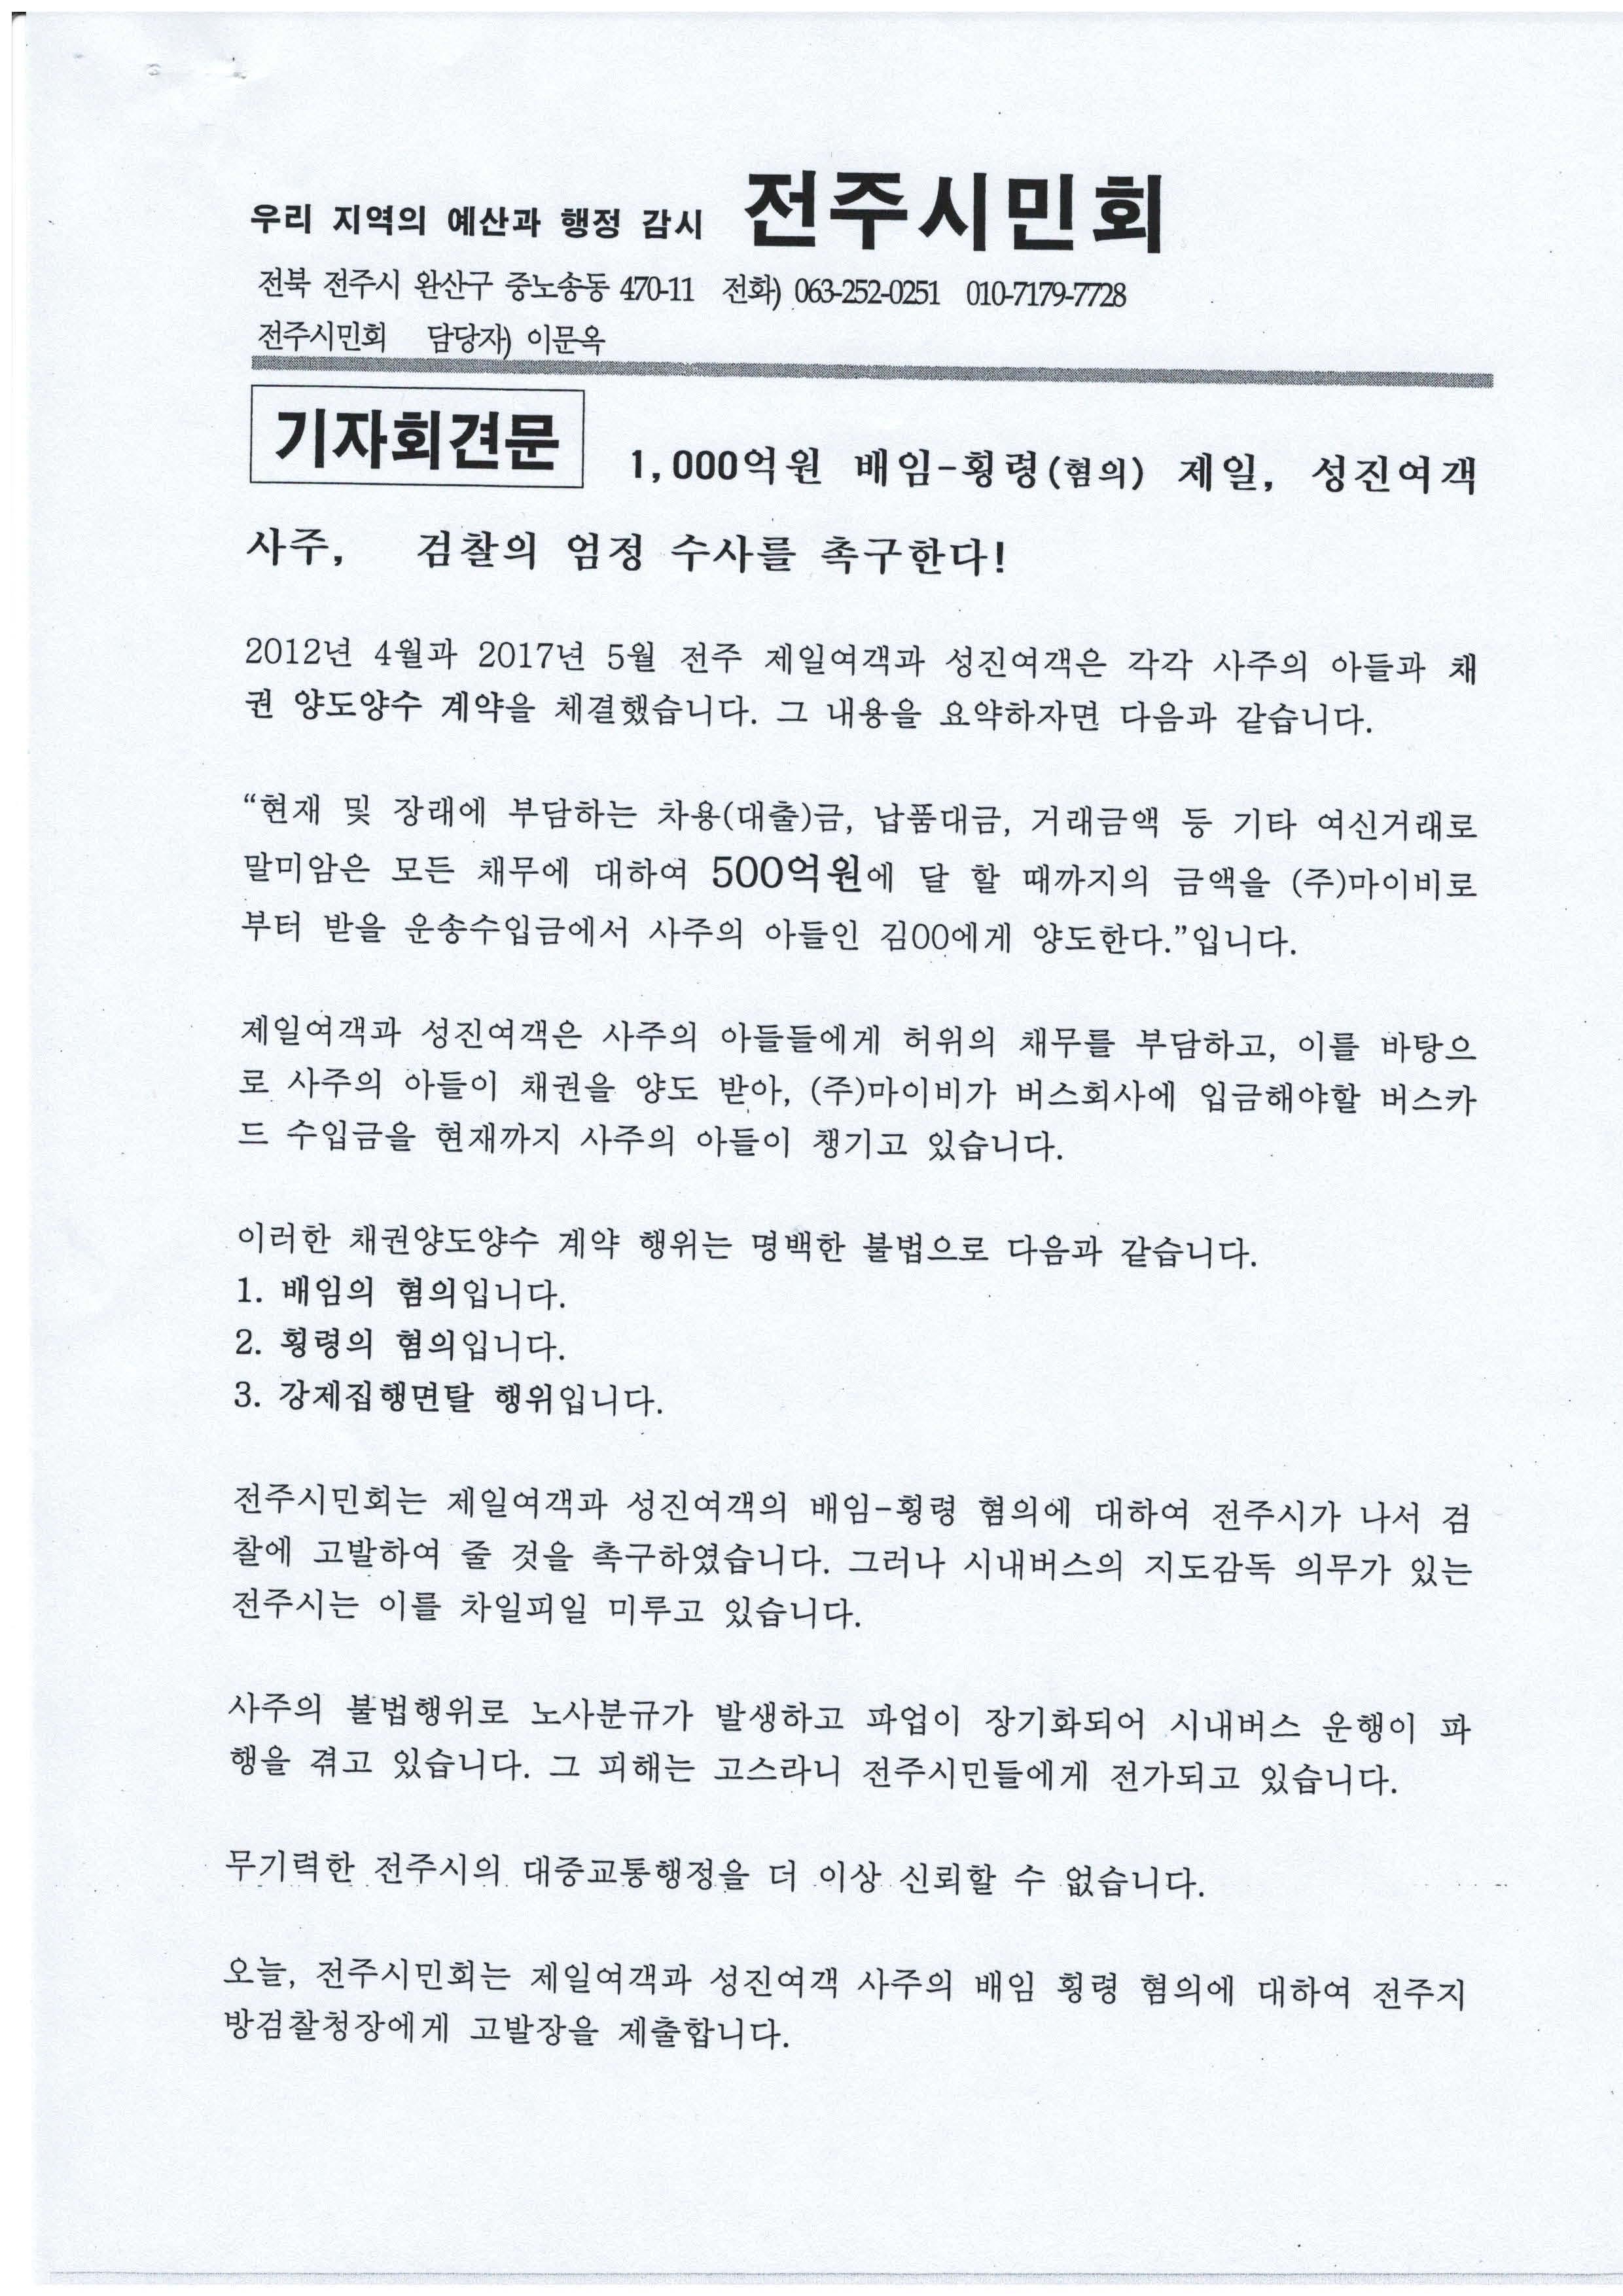 17.12.28_검찰고발 기자회견문(전주시민회)_페이지_1.jpg